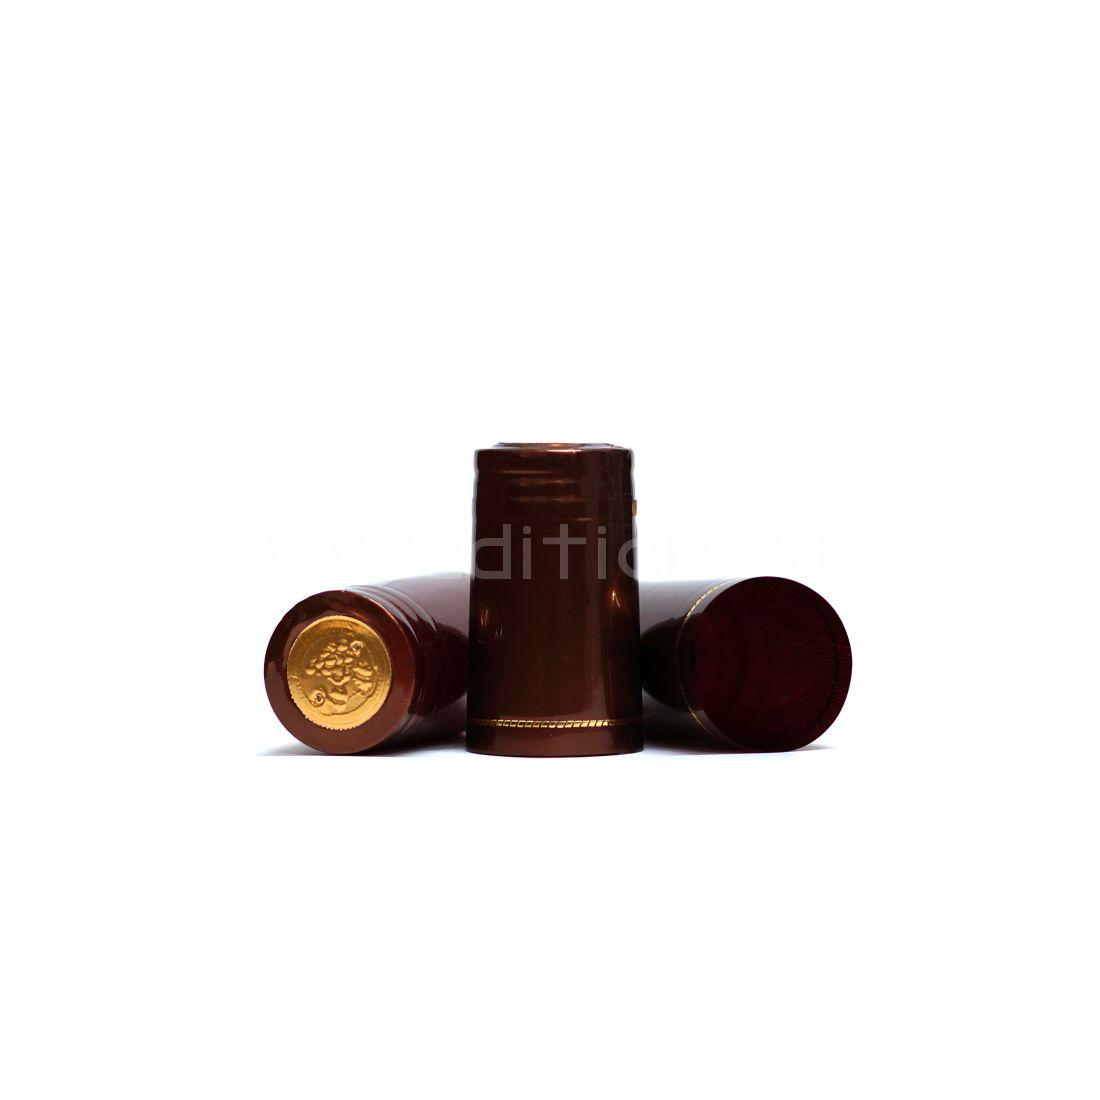 Термоусадочные колпачки, 40 шт (коричневый металлик, на бутылку Виски 1 л)